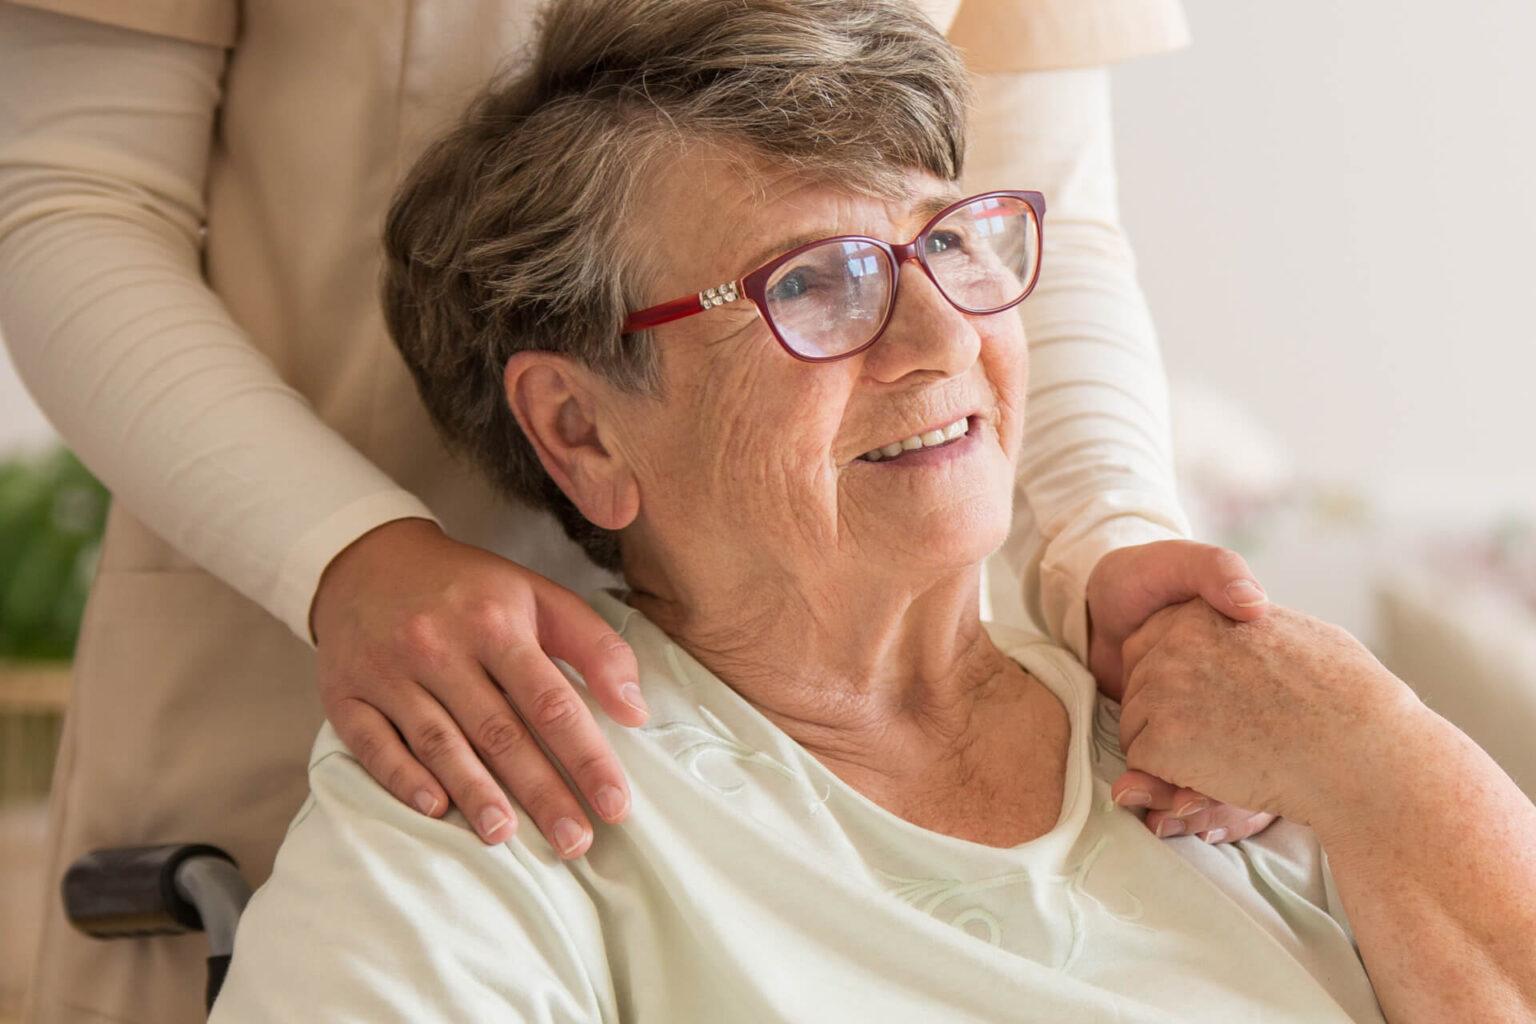 Frau wird im Altersheim gepflegt zu hohen Kosten